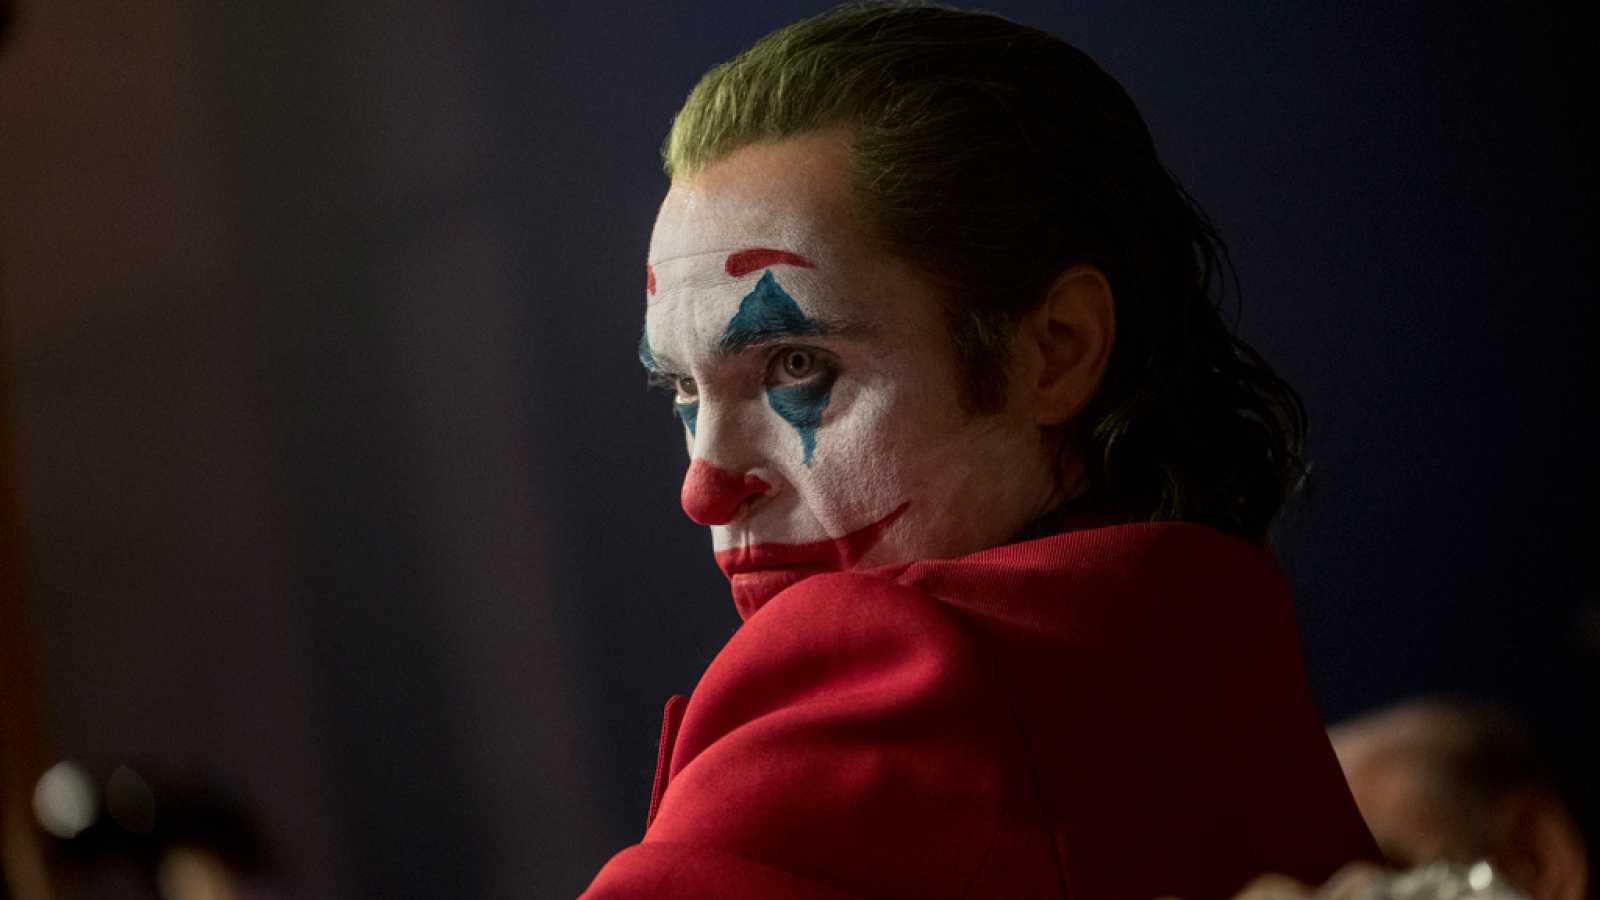 Escena película Joker